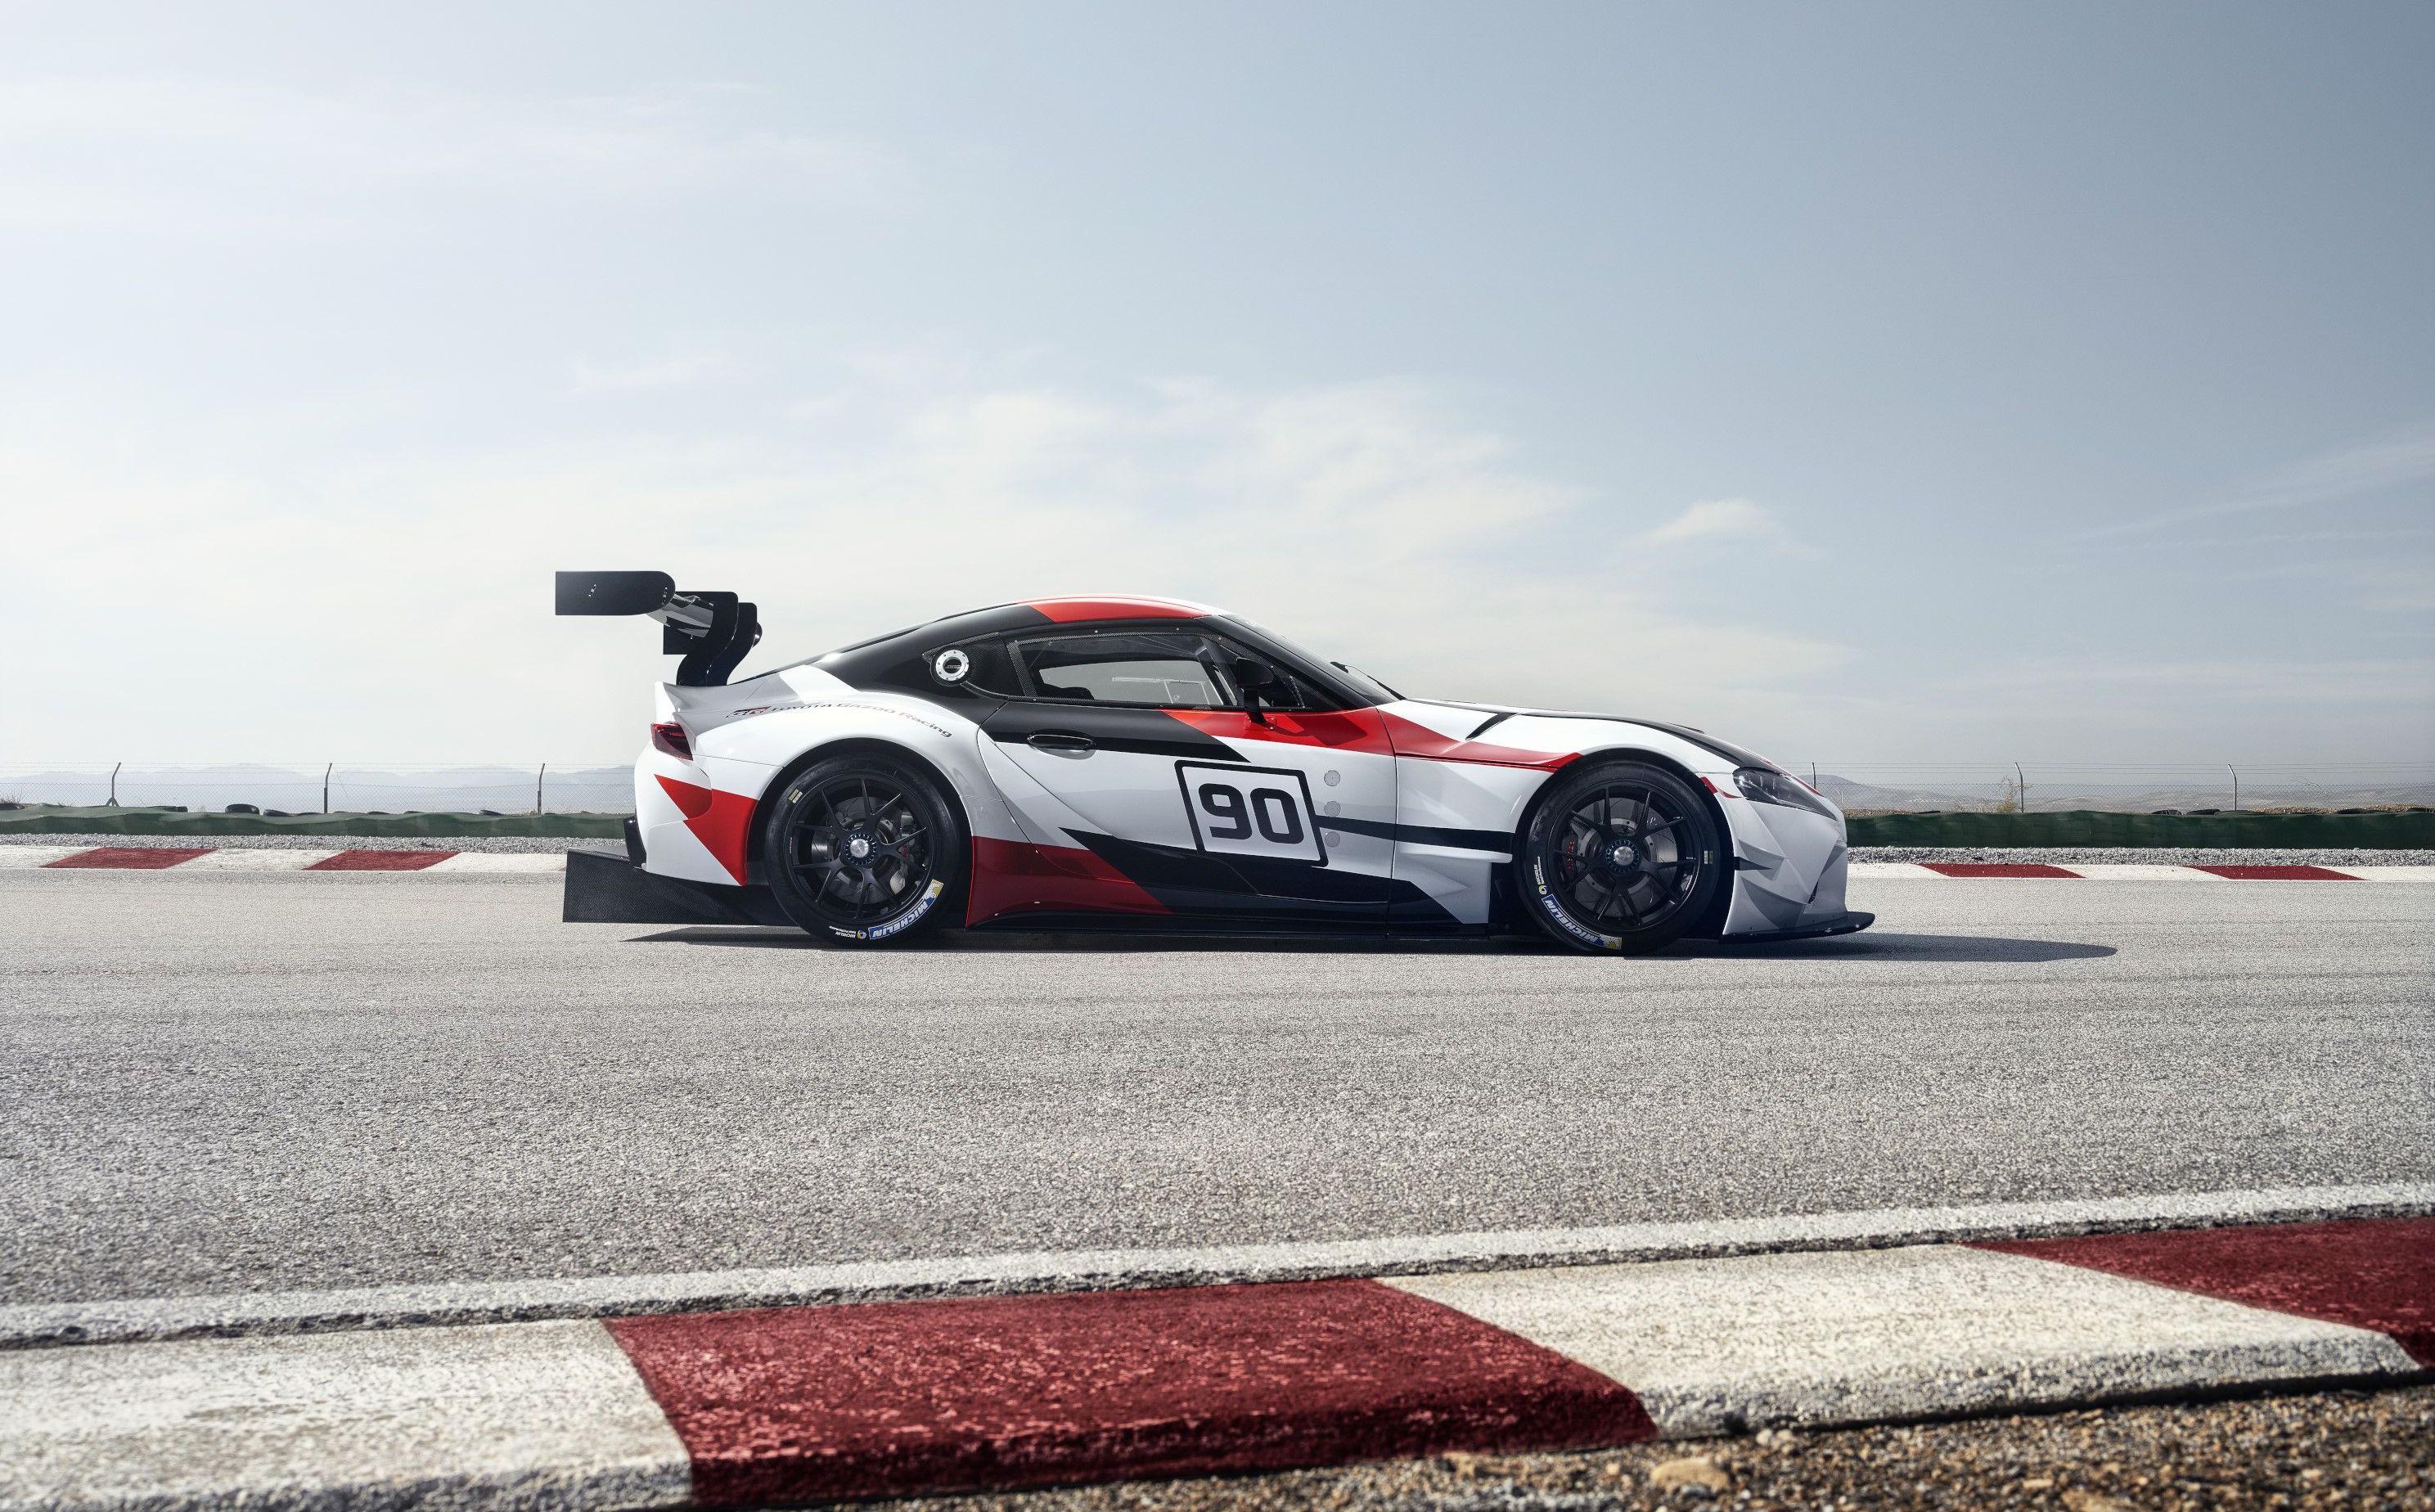 Toyota GR Supra Concept Car